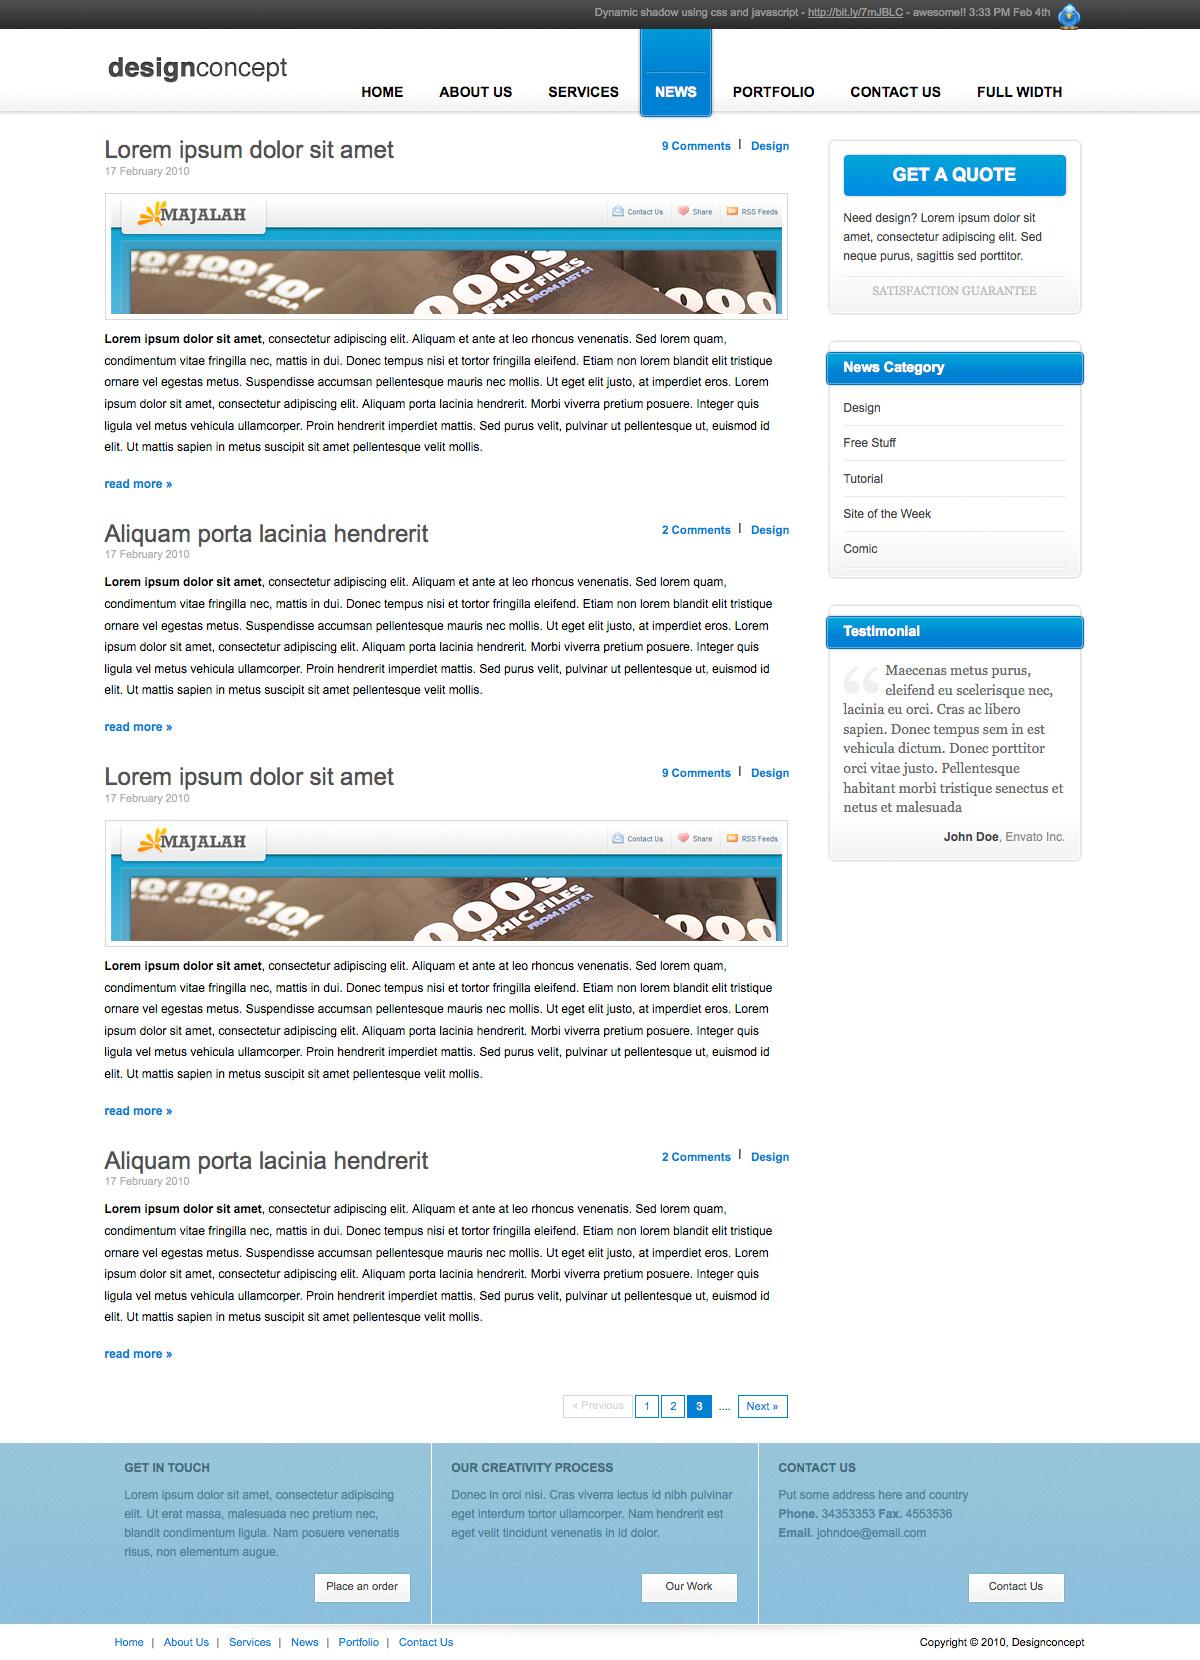 Designer Portfolio Elegant Template - Designer Portfolio Elegant Template (3 Colors) - News